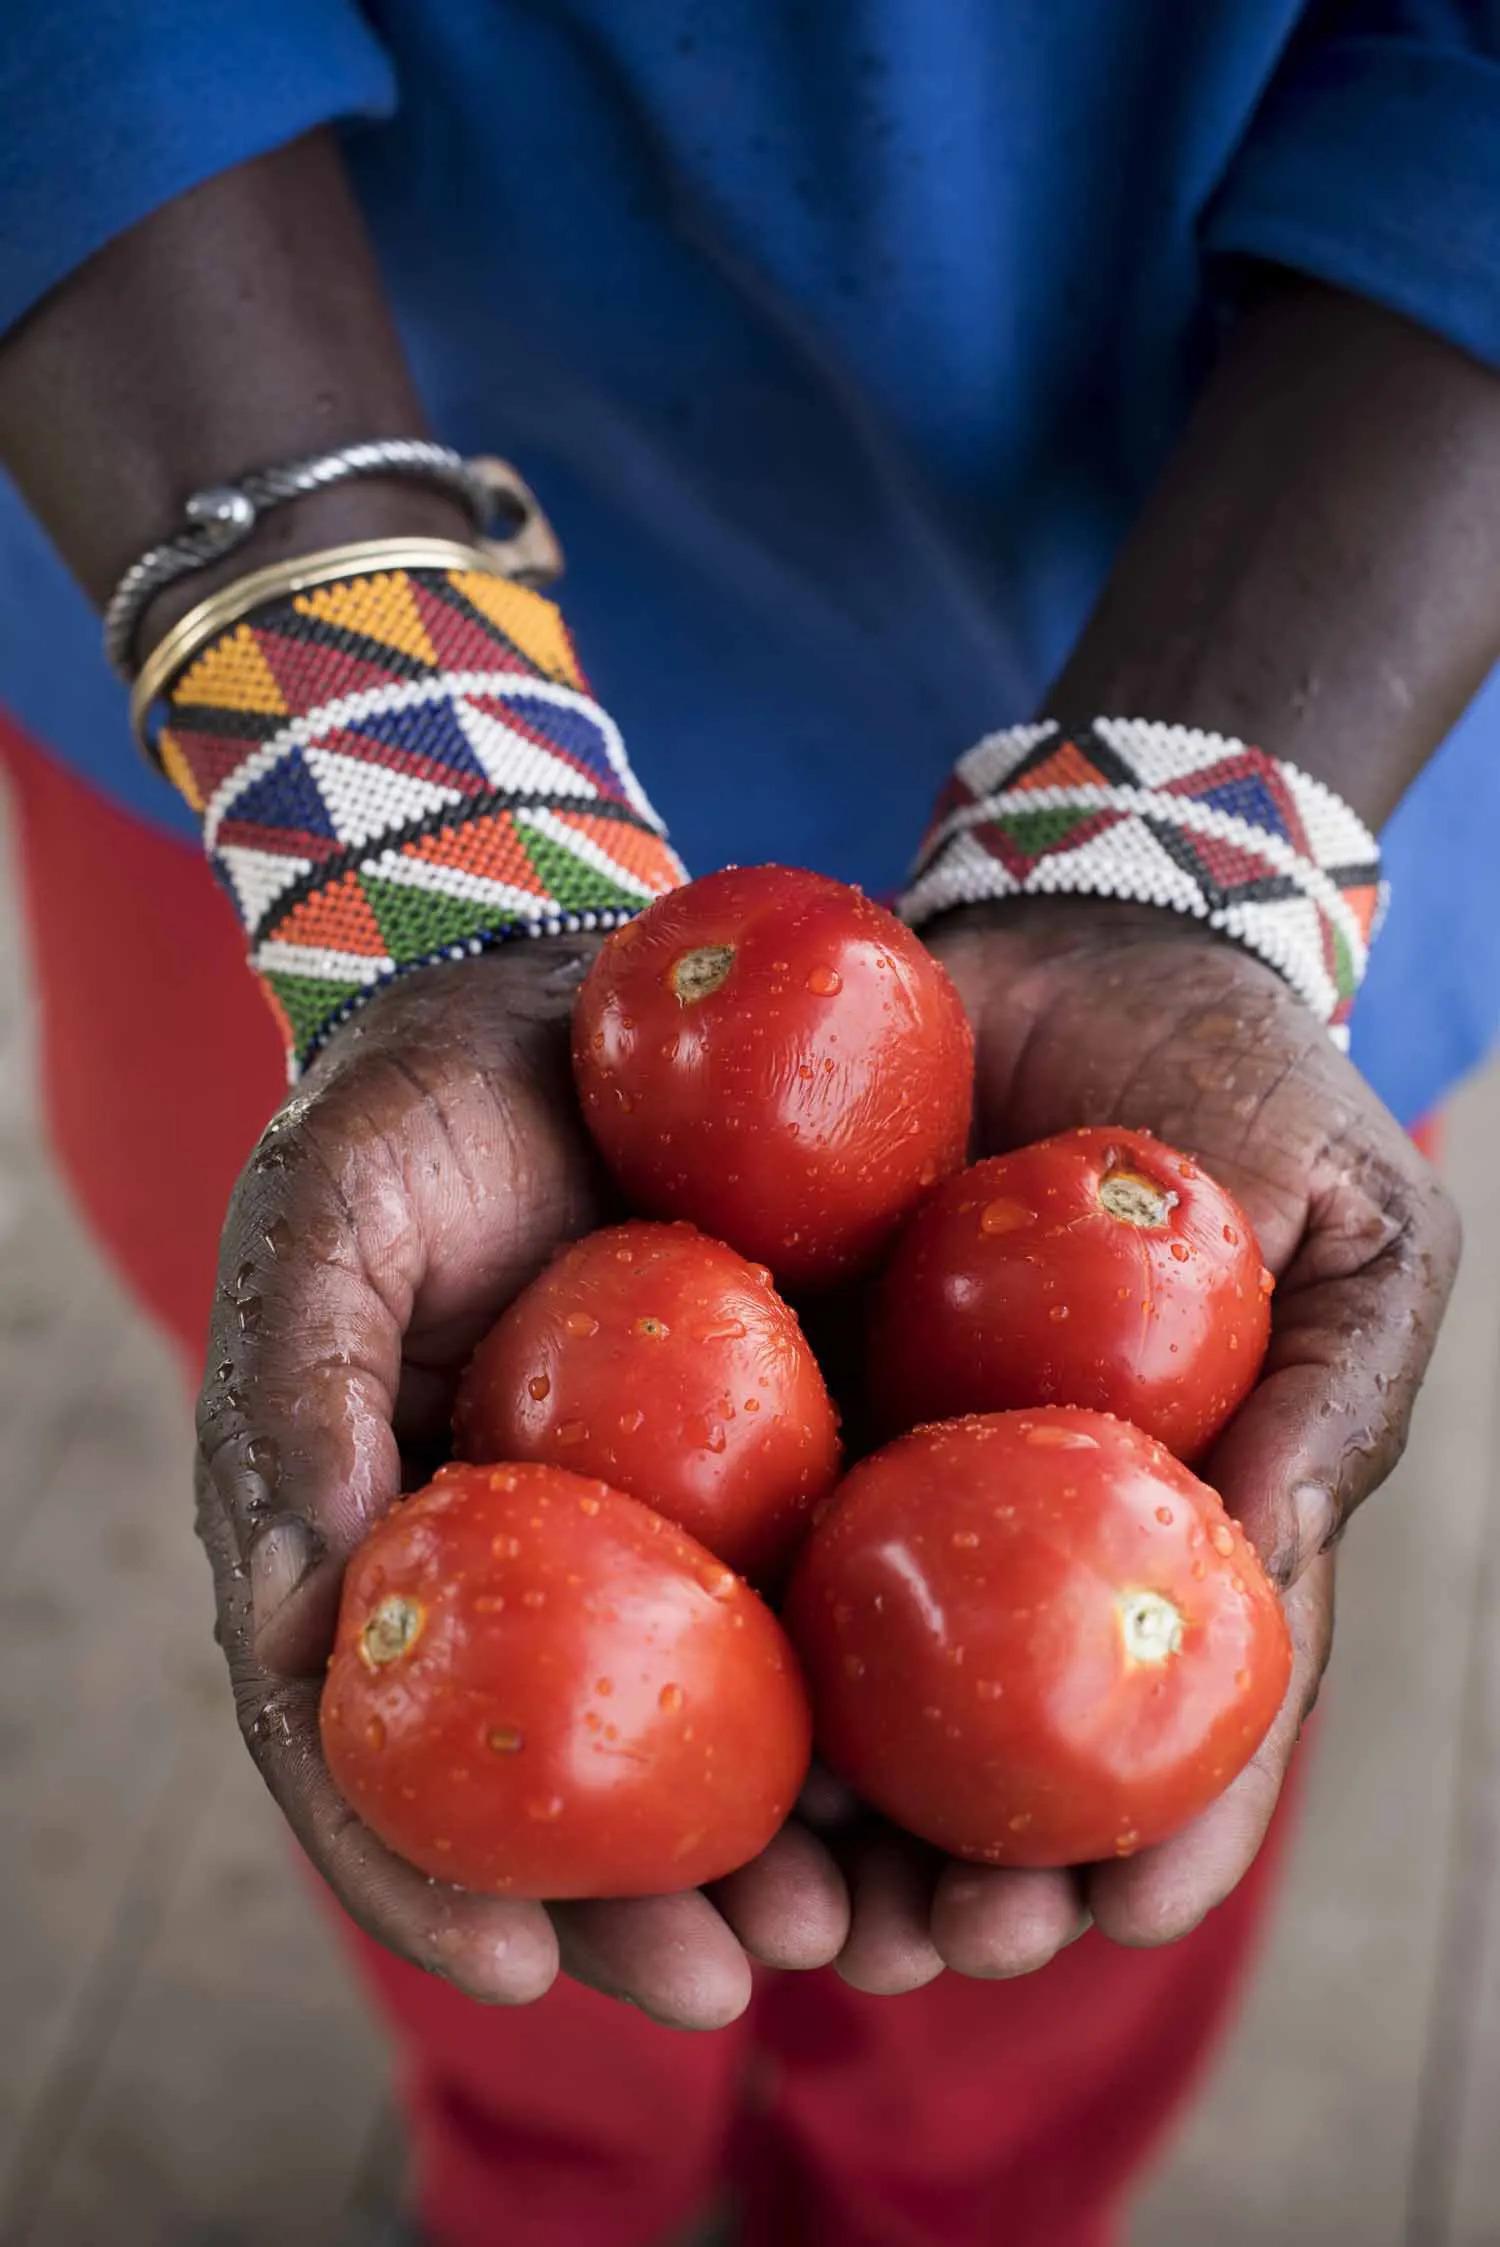 Shamba tomatoes